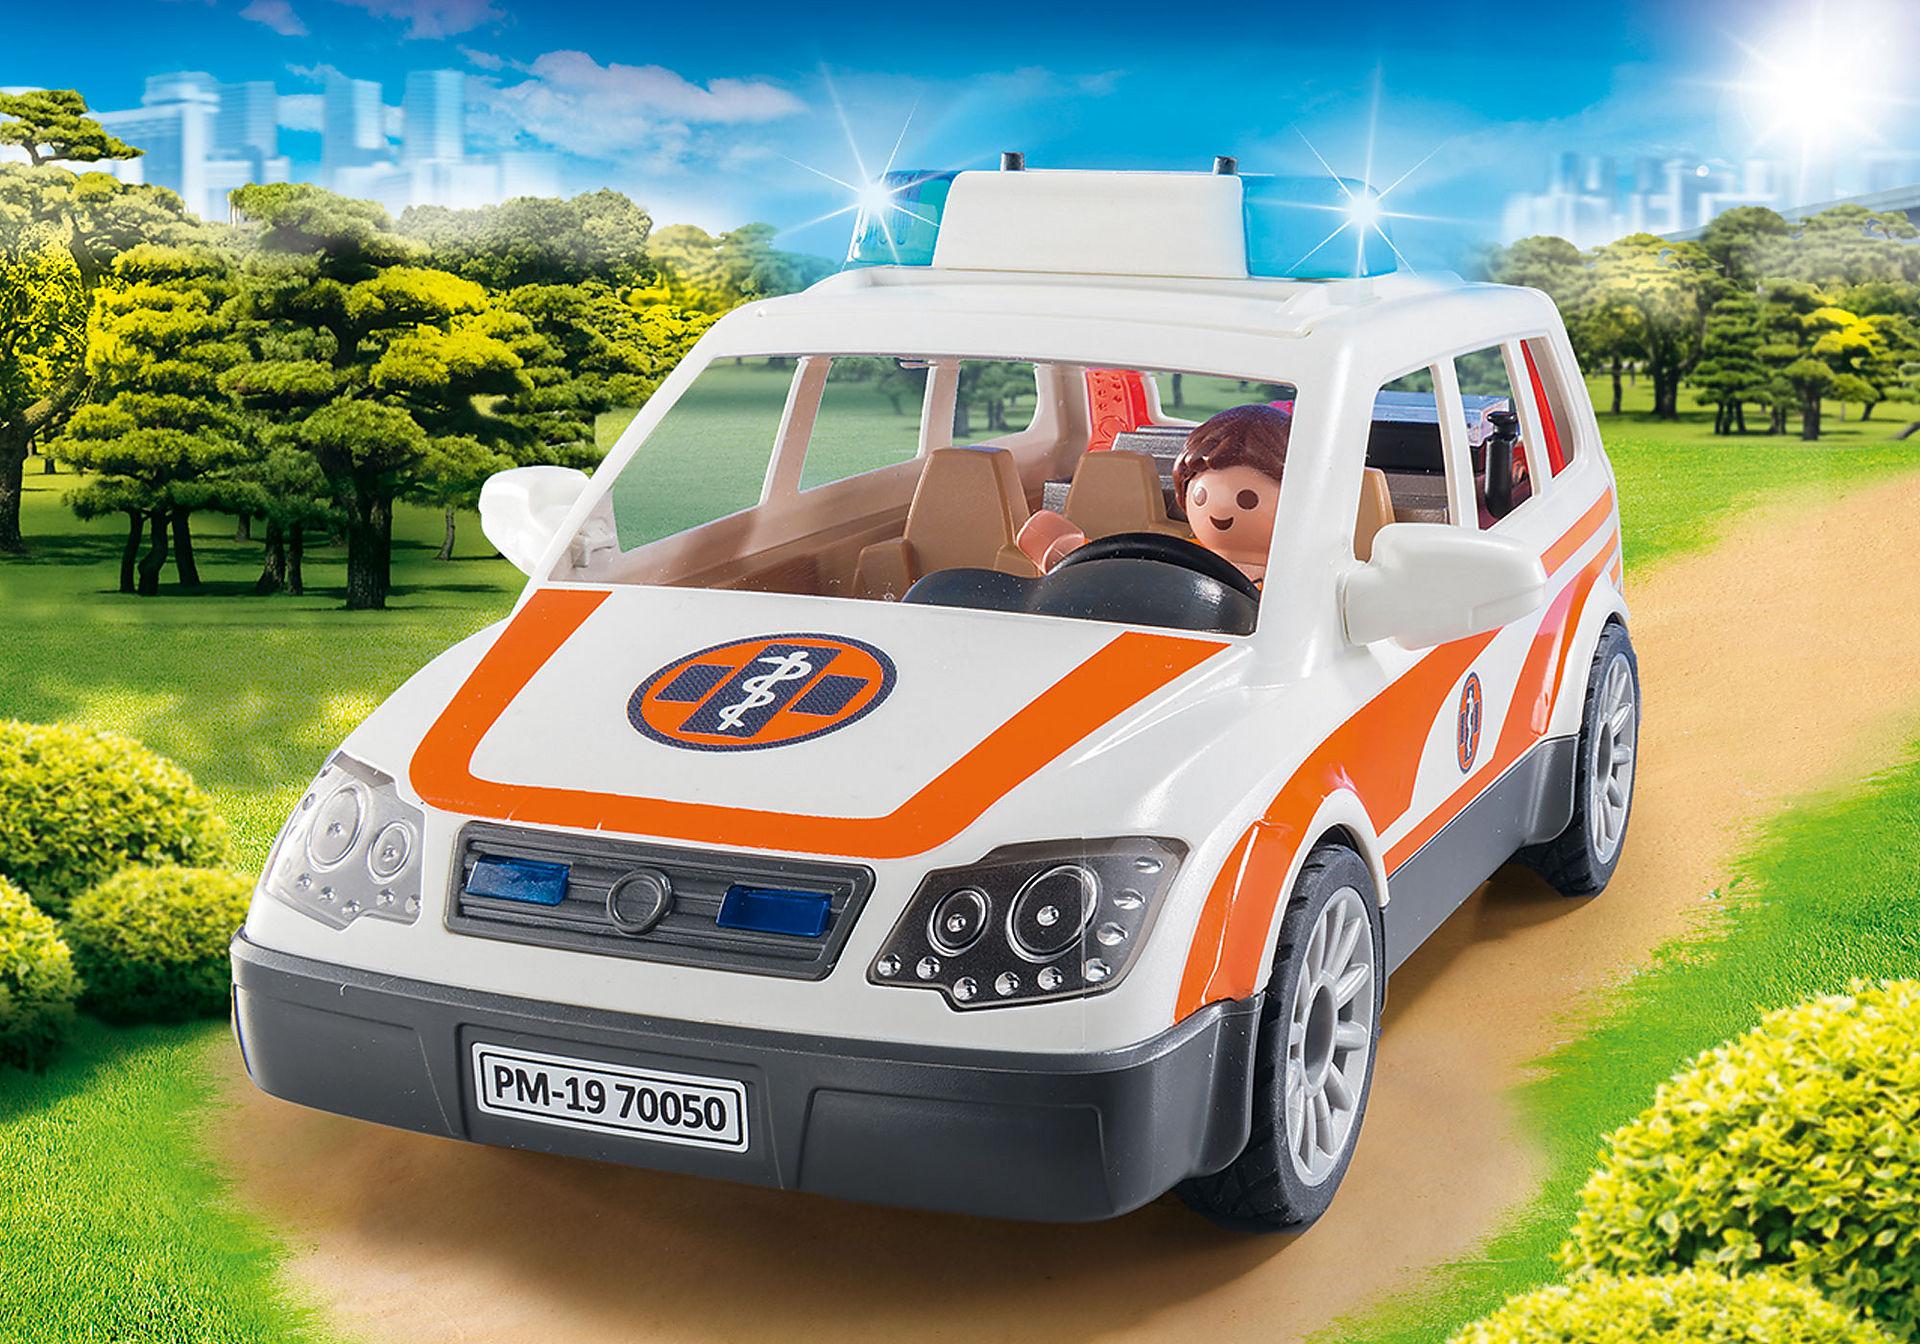 70050 Samochód ratowniczy ze światłem i dźwiękiem zoom image6